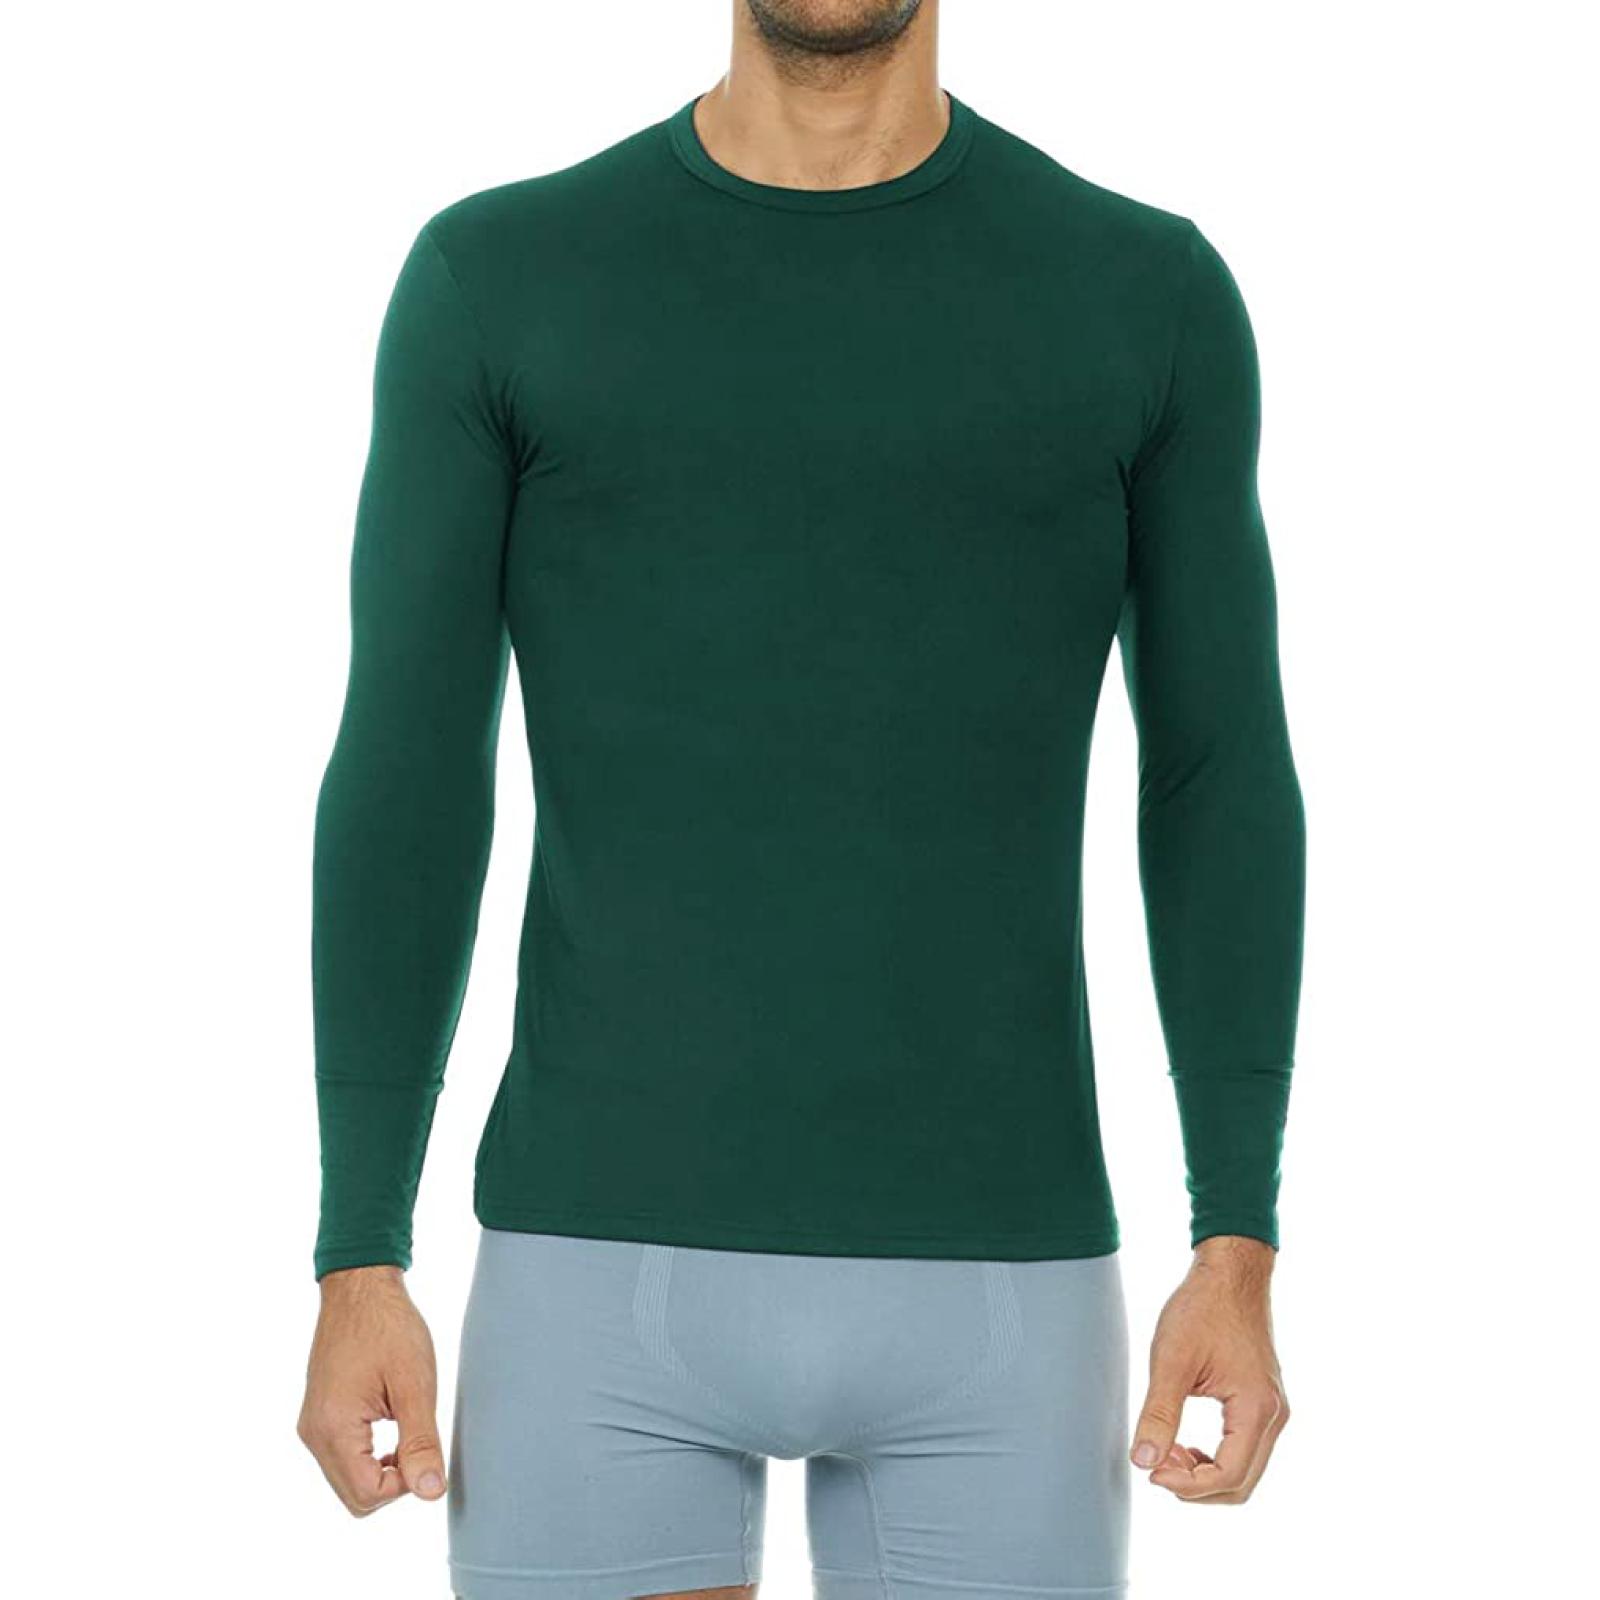 Men's Ultra Soft Thermal Baselayer Shirt - Hunter Green / XXXL